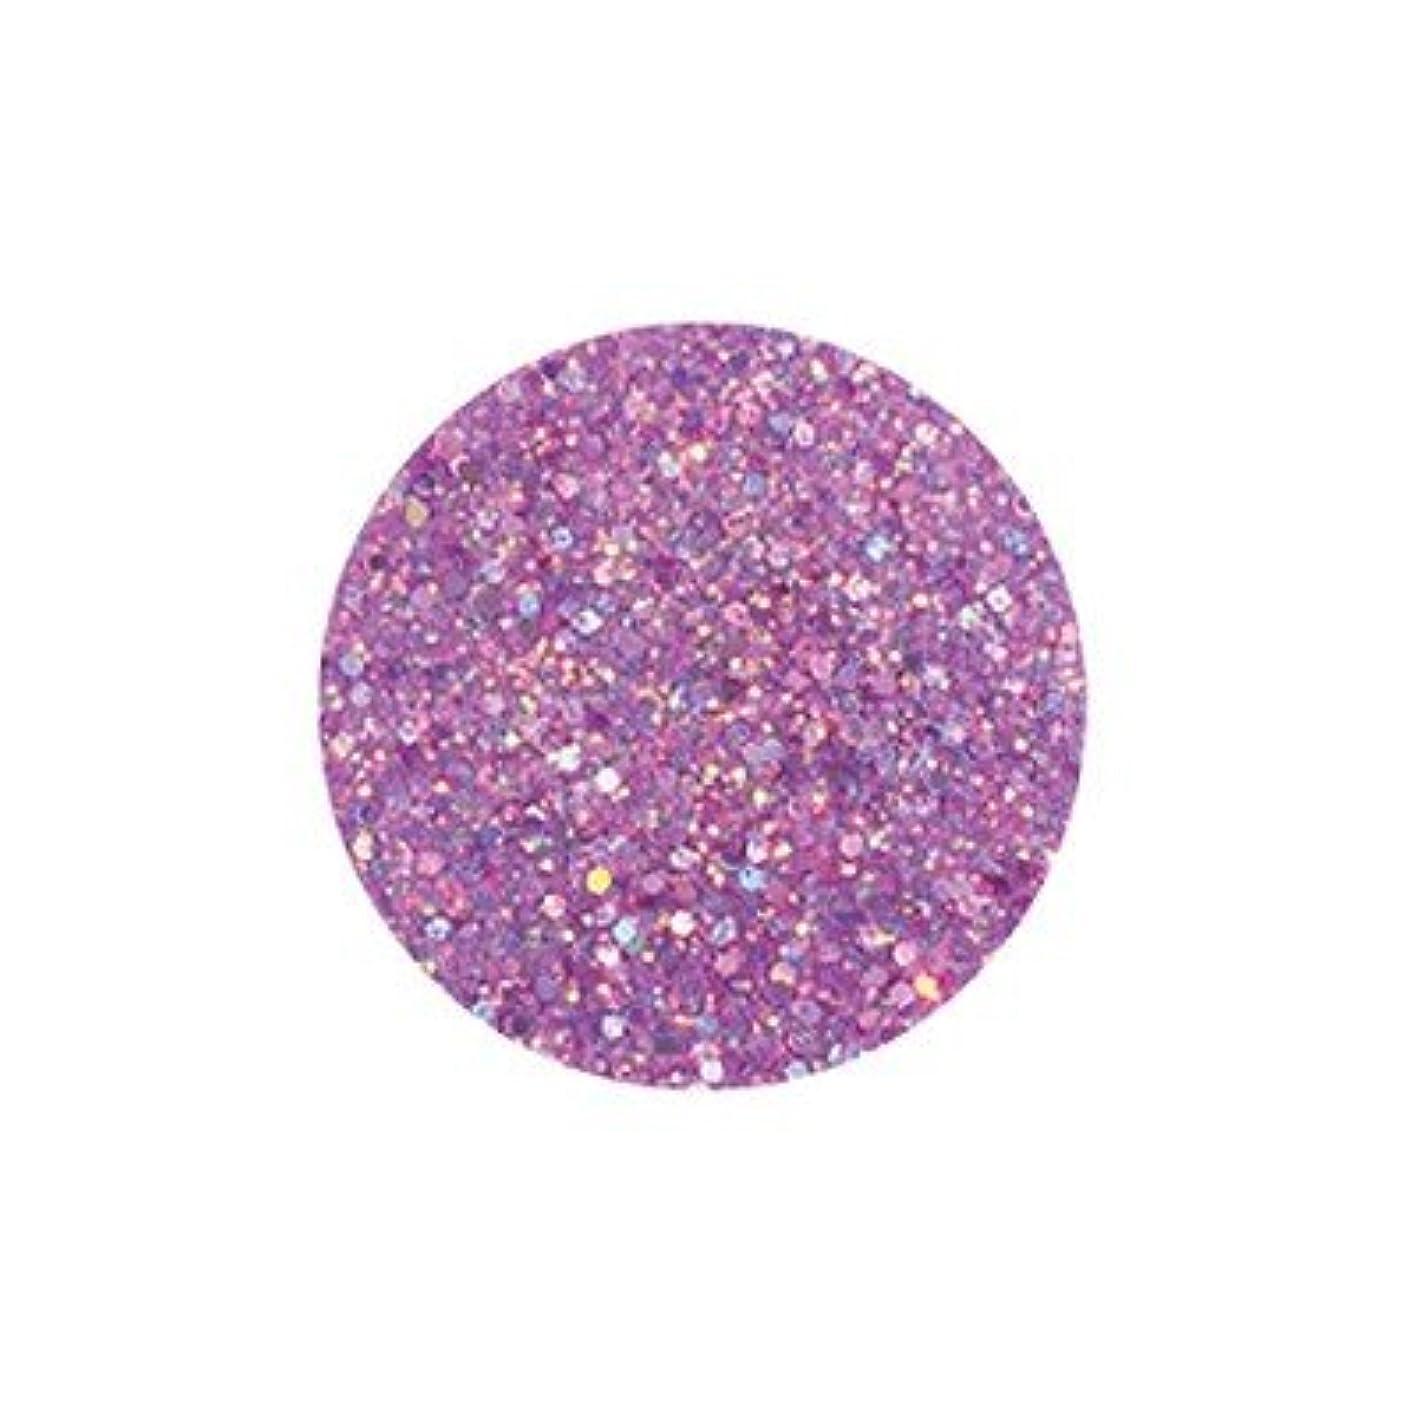 ボランティア人形トライアスロンFANTASY NAIL ダイヤモンドコレクション 3g 4258XS カラーパウダー アート材